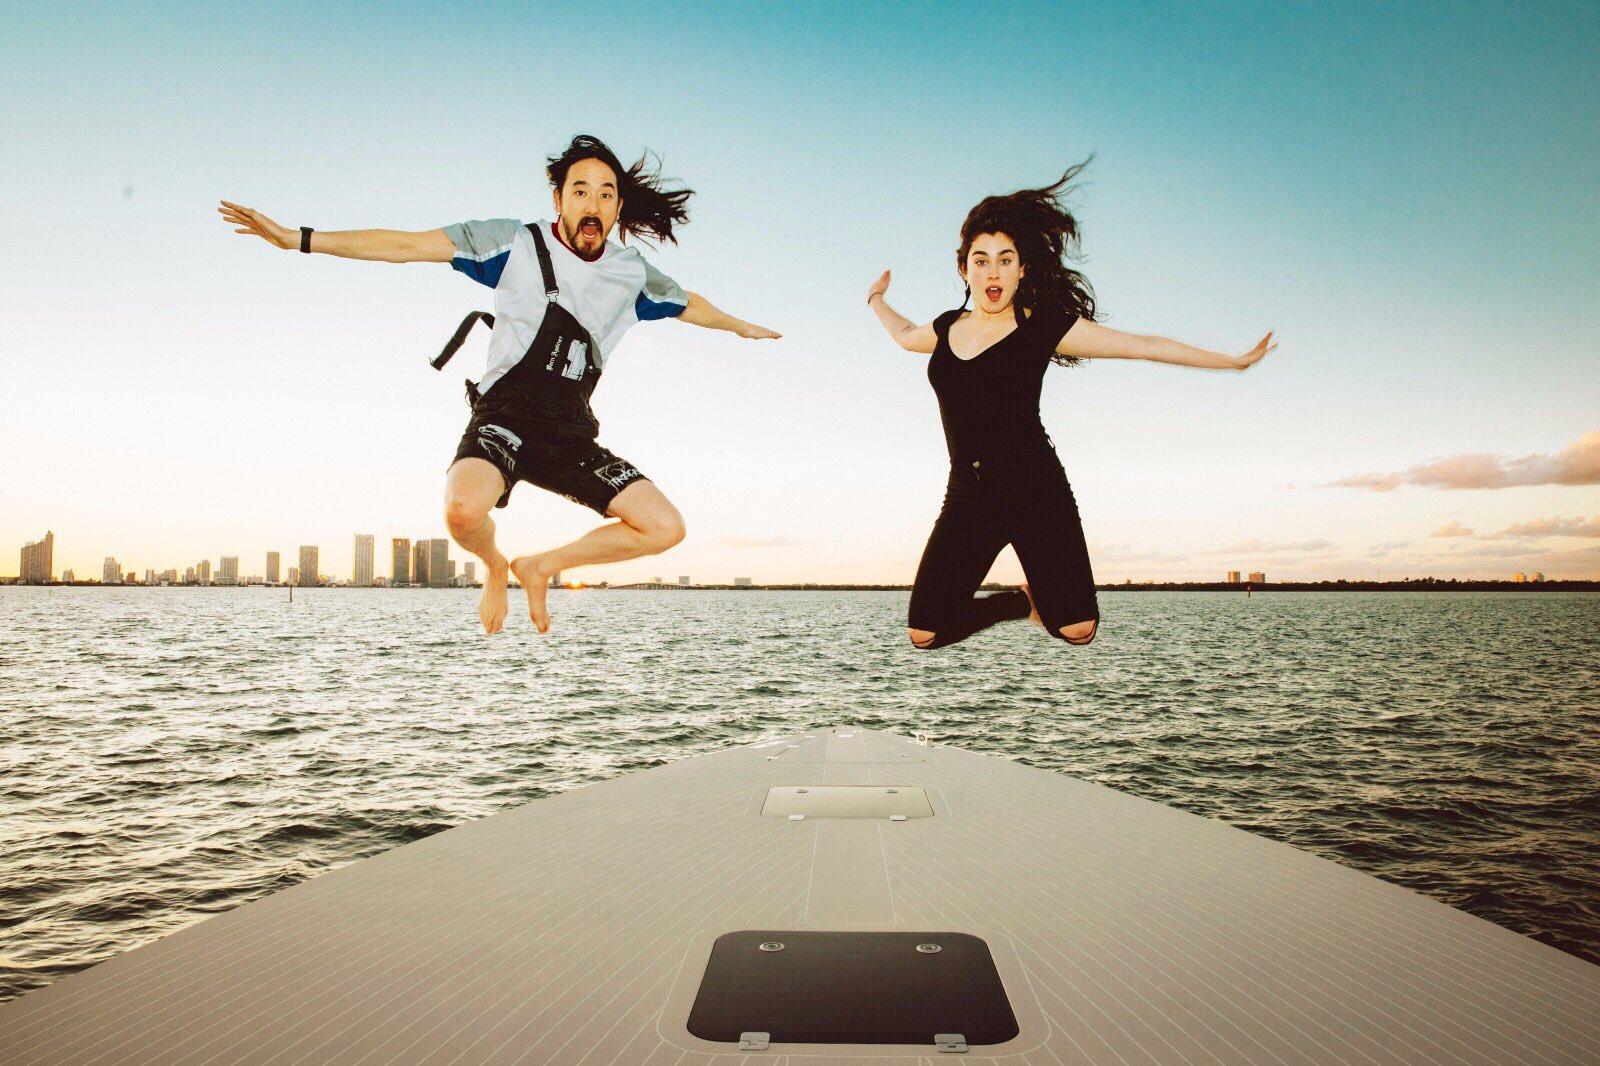 #aokijump #844. The Aoki x @laurenjauregui #AllNight Jump. SS Groot. Miami Florida. November 24, 2017. @davegrutman https://t.co/tLXztQDgpE